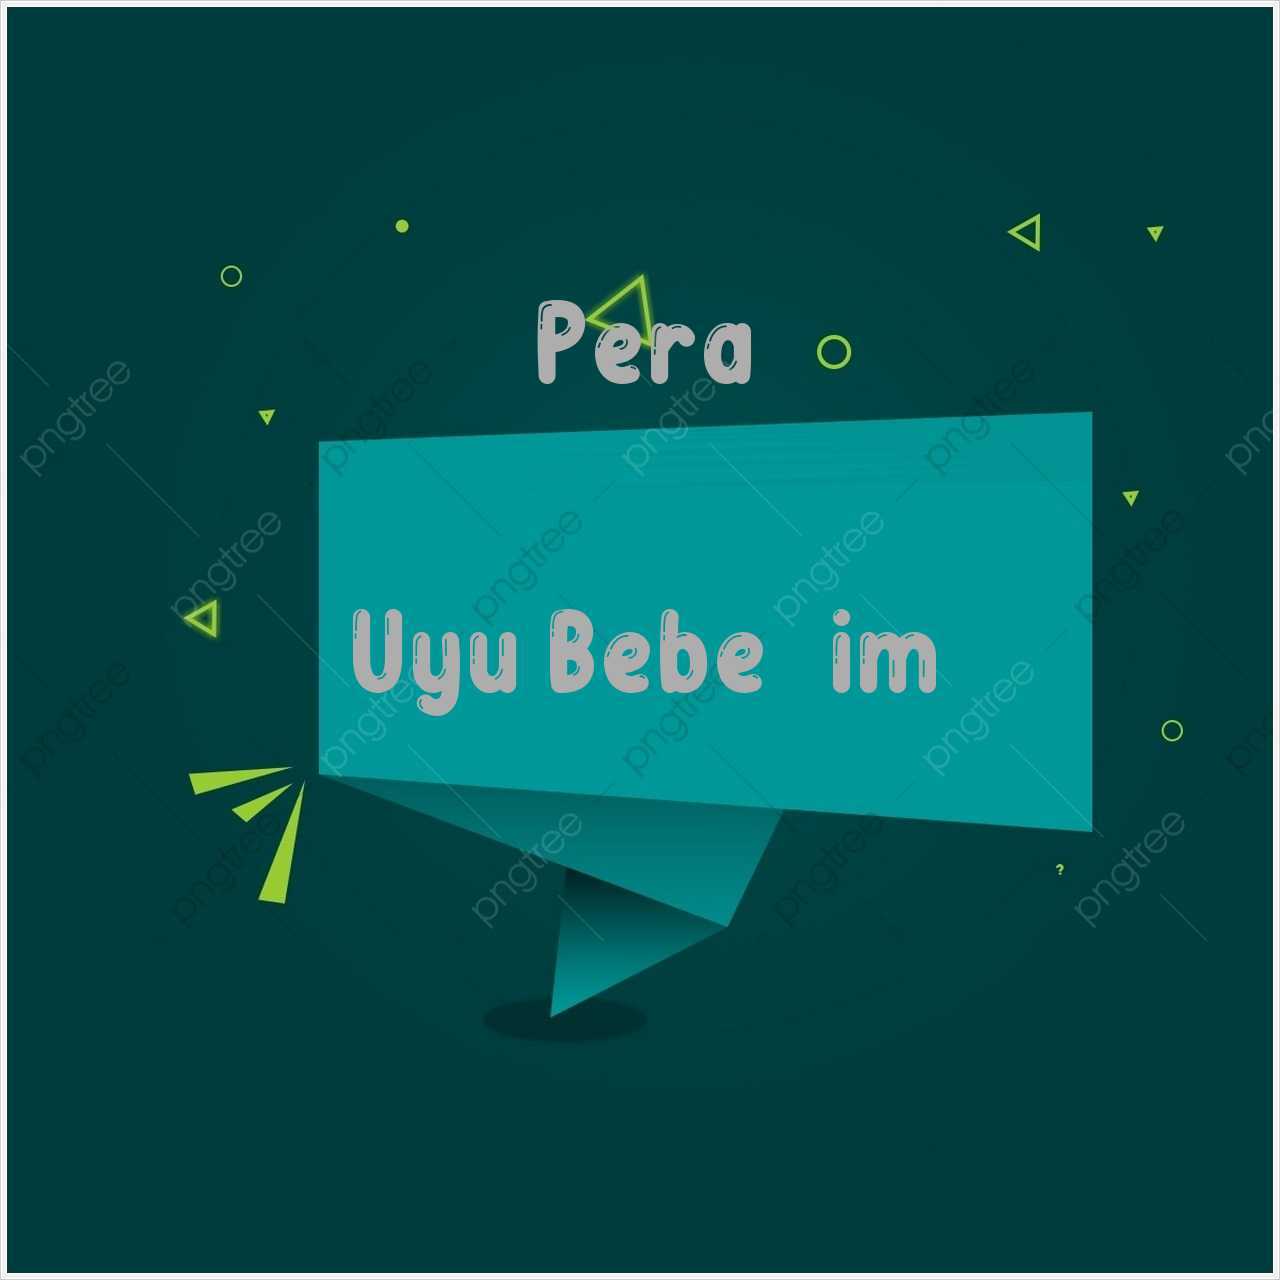 دانلود آهنگ جدید Pera به نام Uyu Bebeğim